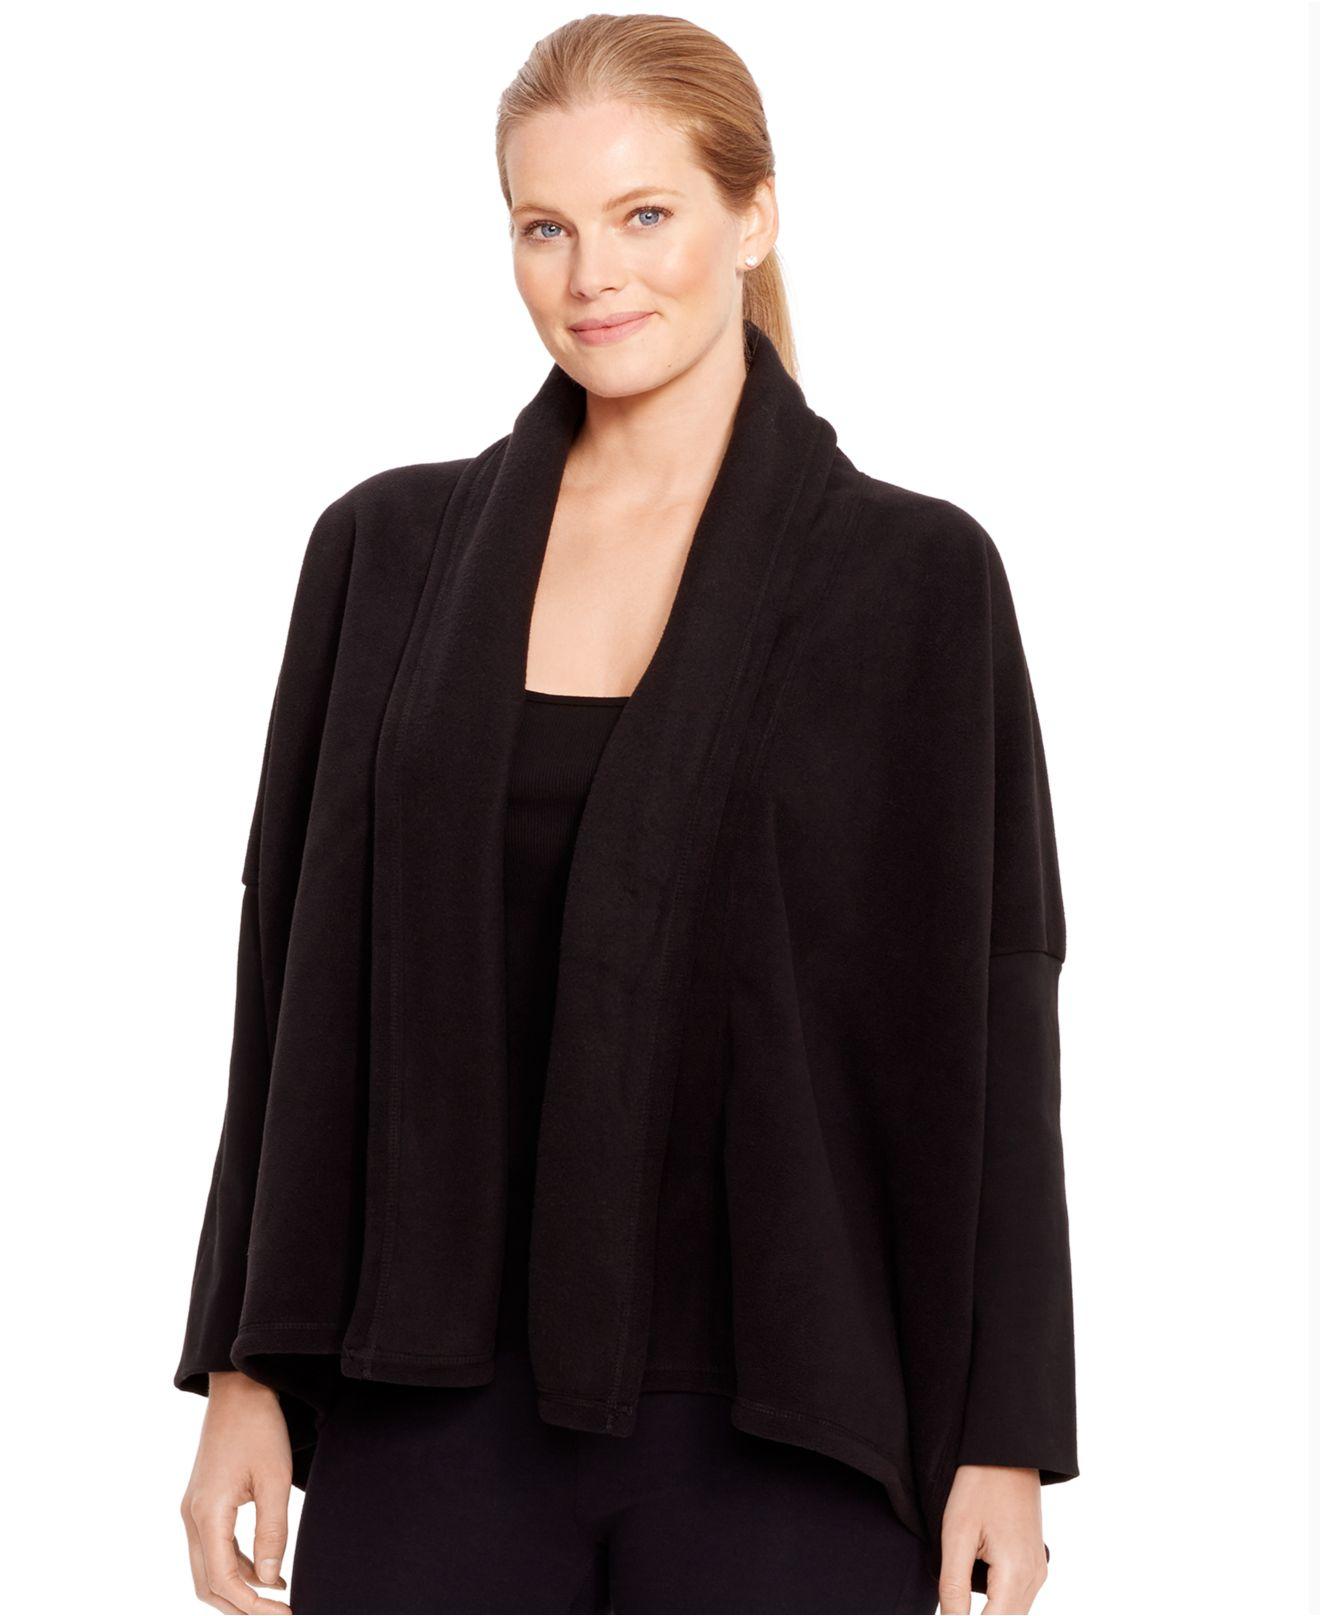 Lauren by ralph lauren Plus Size Open-Front Fleece Cardigan in ...